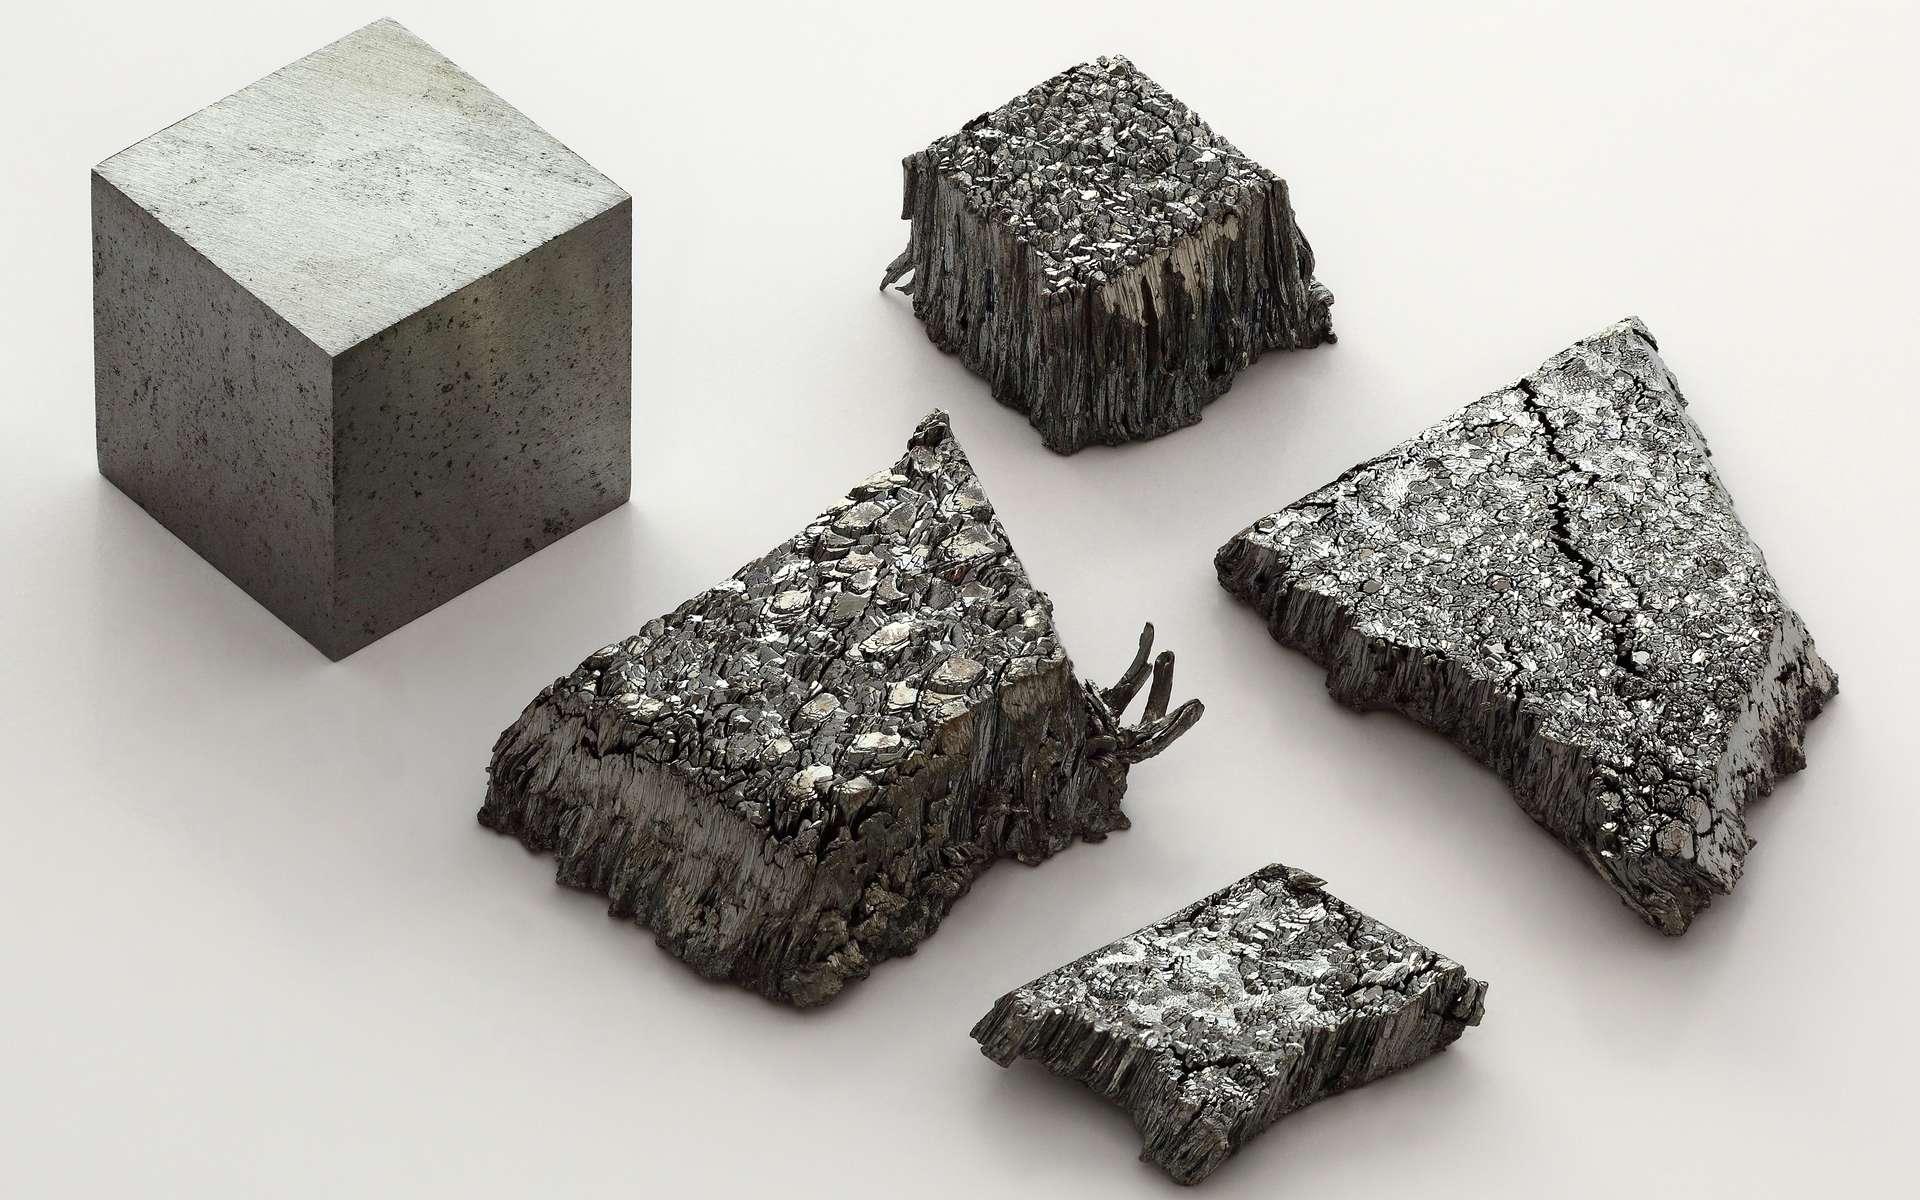 Le lutécium fait partie des terres rares. C'est le dernier élément chimique des lanthanides. Ici du lutécium sublimé sous une modification dendritique pure à 99,995 % et un cube d'un centimètre d'arête de lutécium (99,9 %) refondu à l'arc. © Alchemist-hp, Wikimedia Commons, CC by-nc-nd 3.0